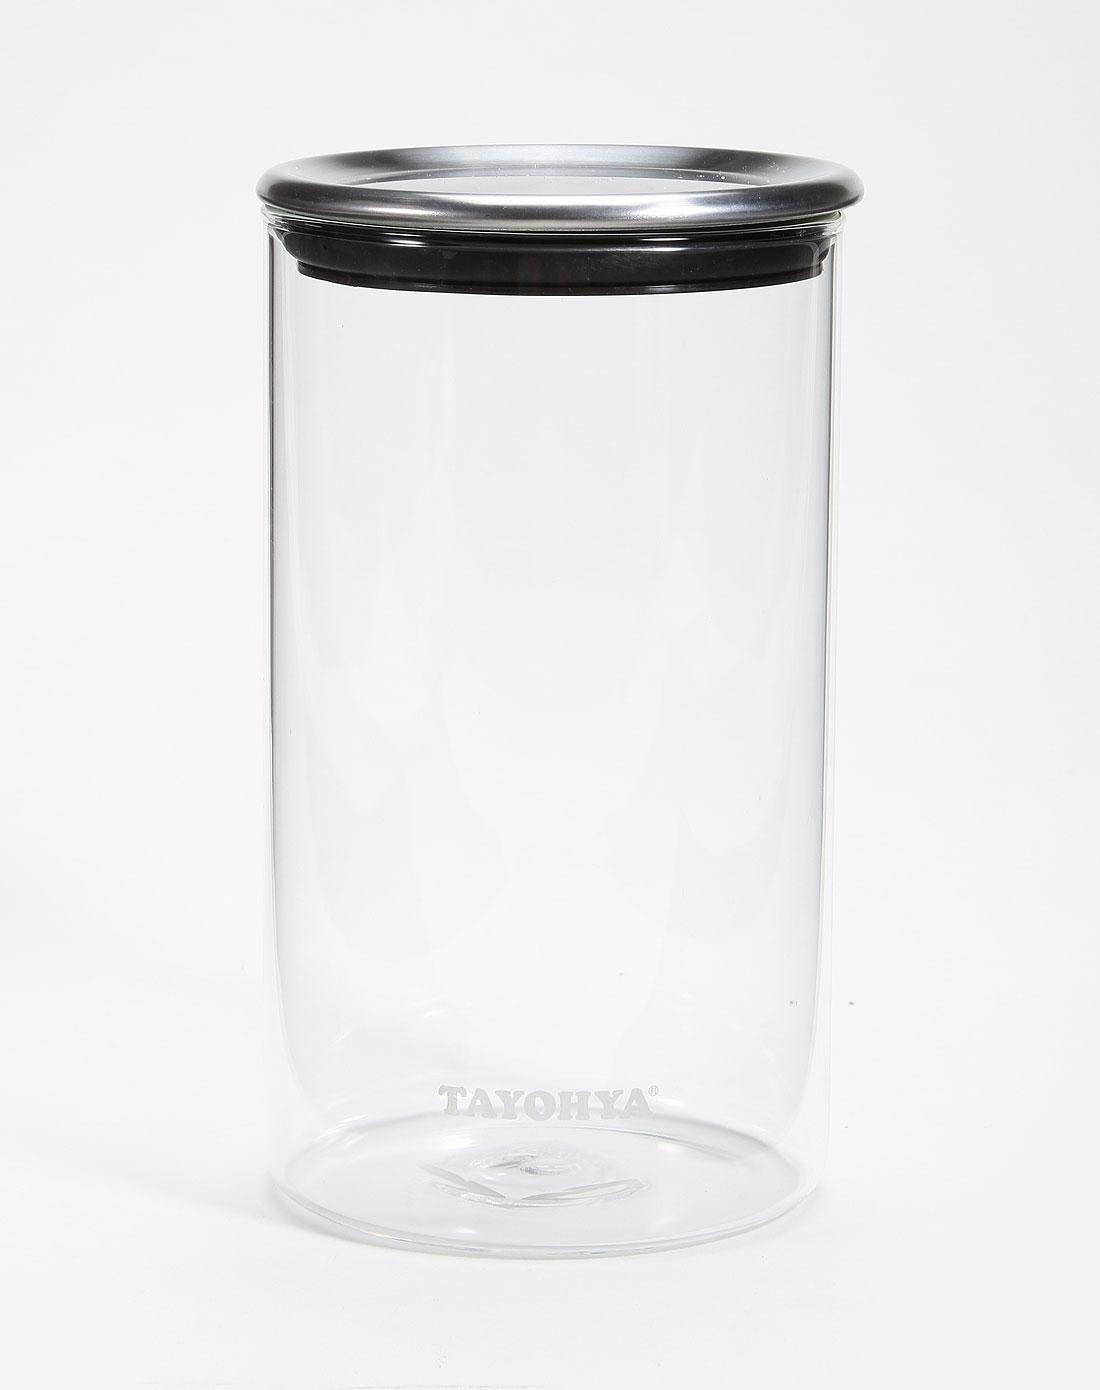 阳光透明玻璃密封罐 1300ml